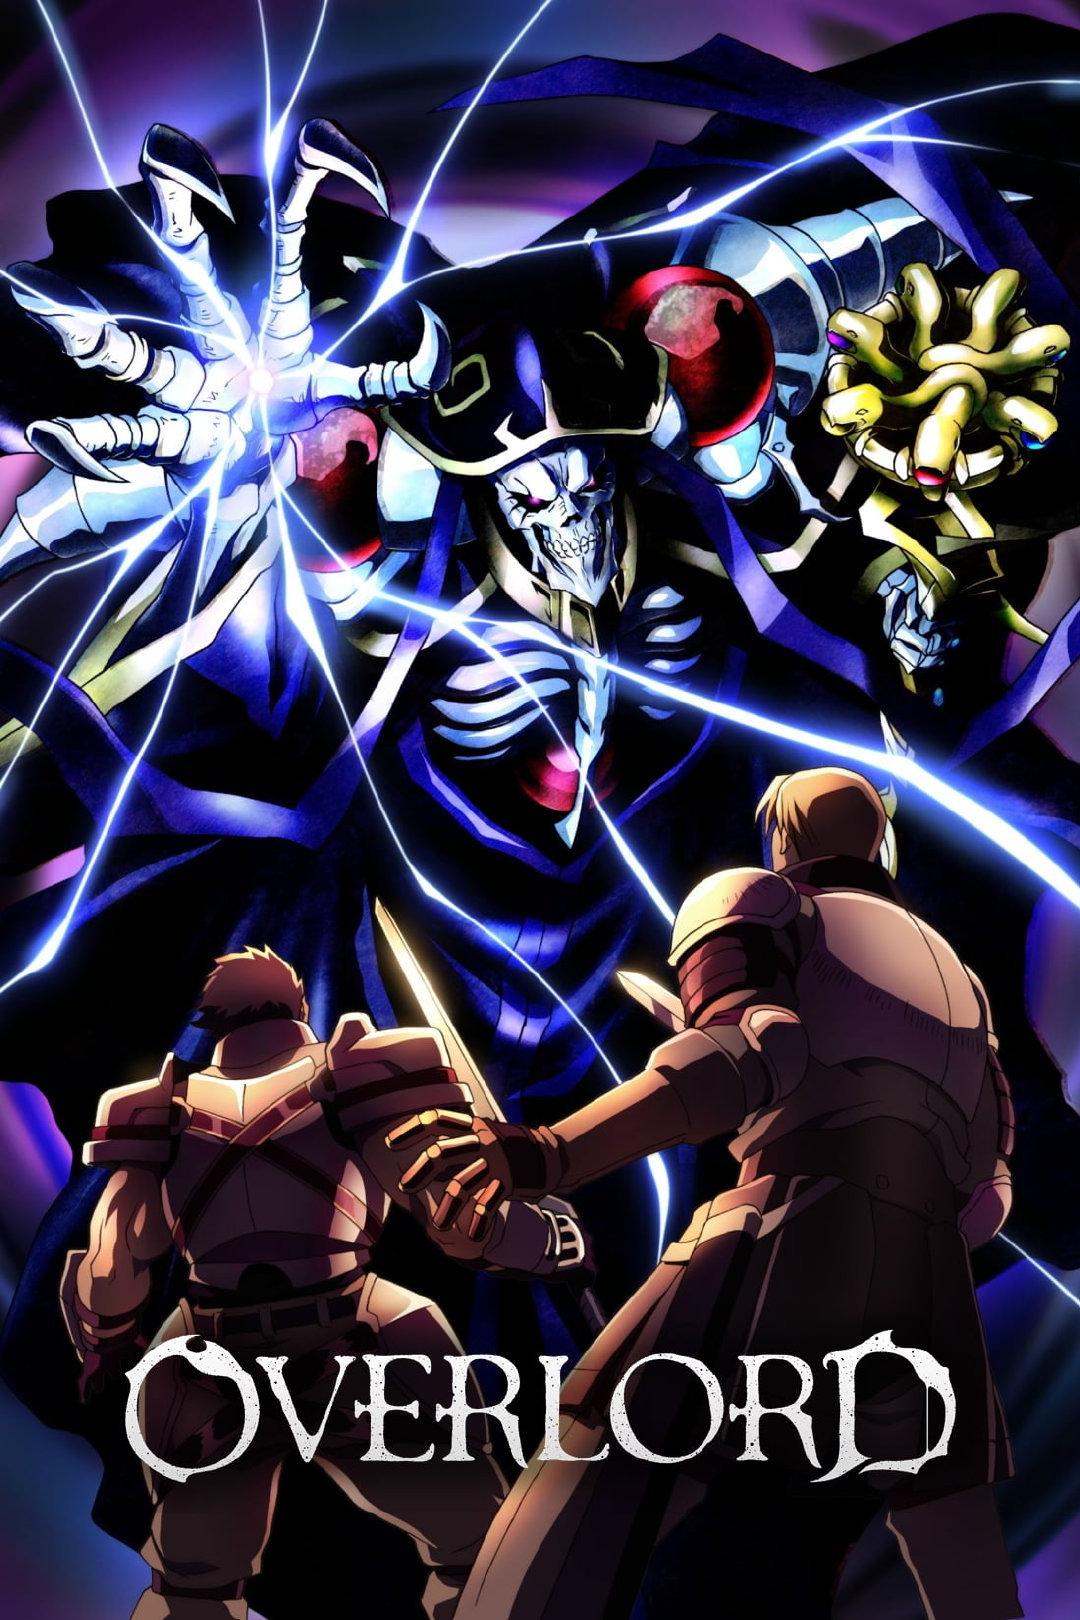 【情报】TV动画《Overlord不死者之王》第4季&剧场版制作决定!